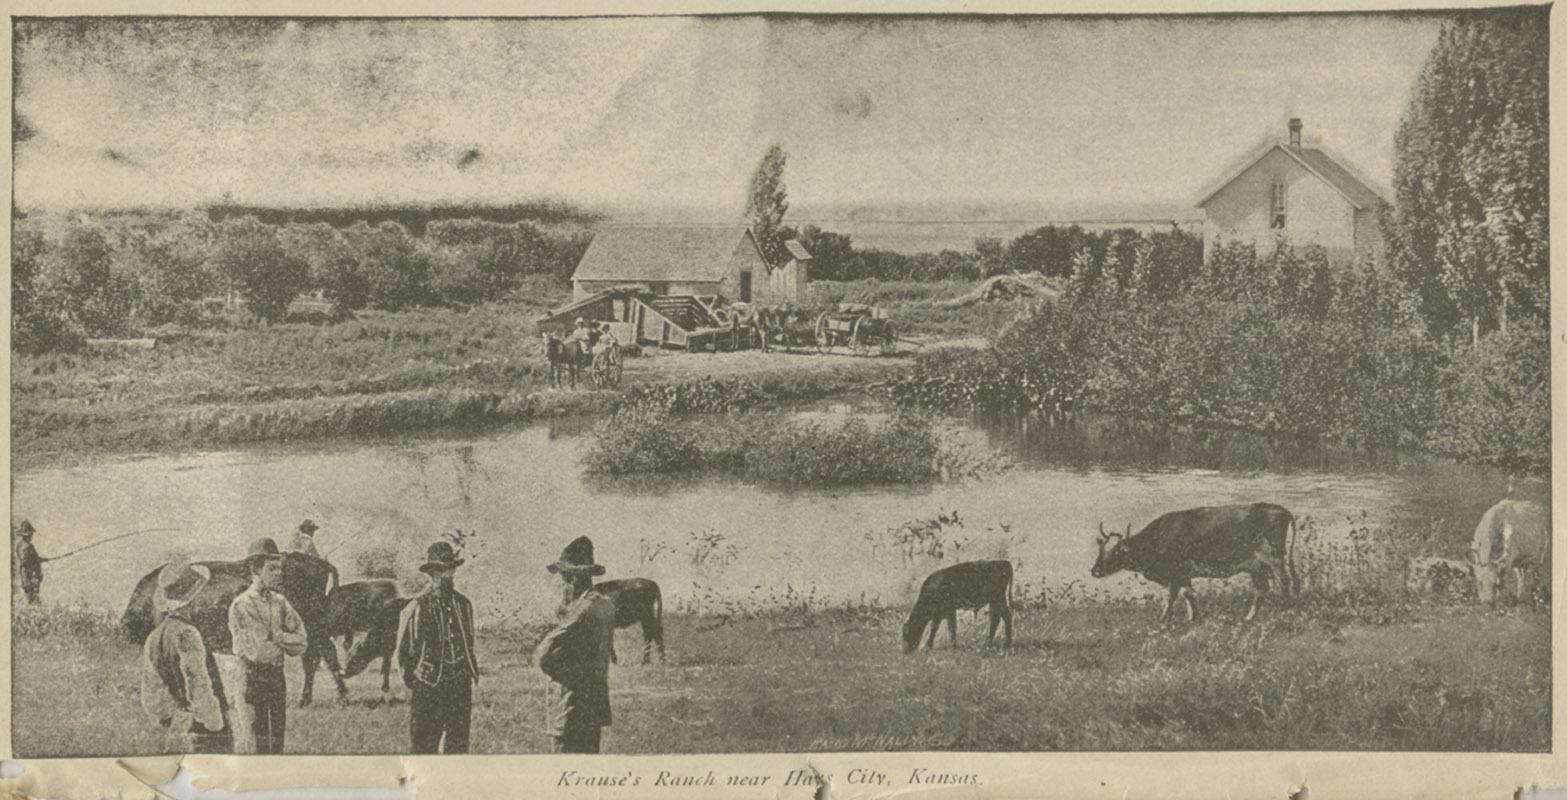 Lands in Kansas - pg. 2